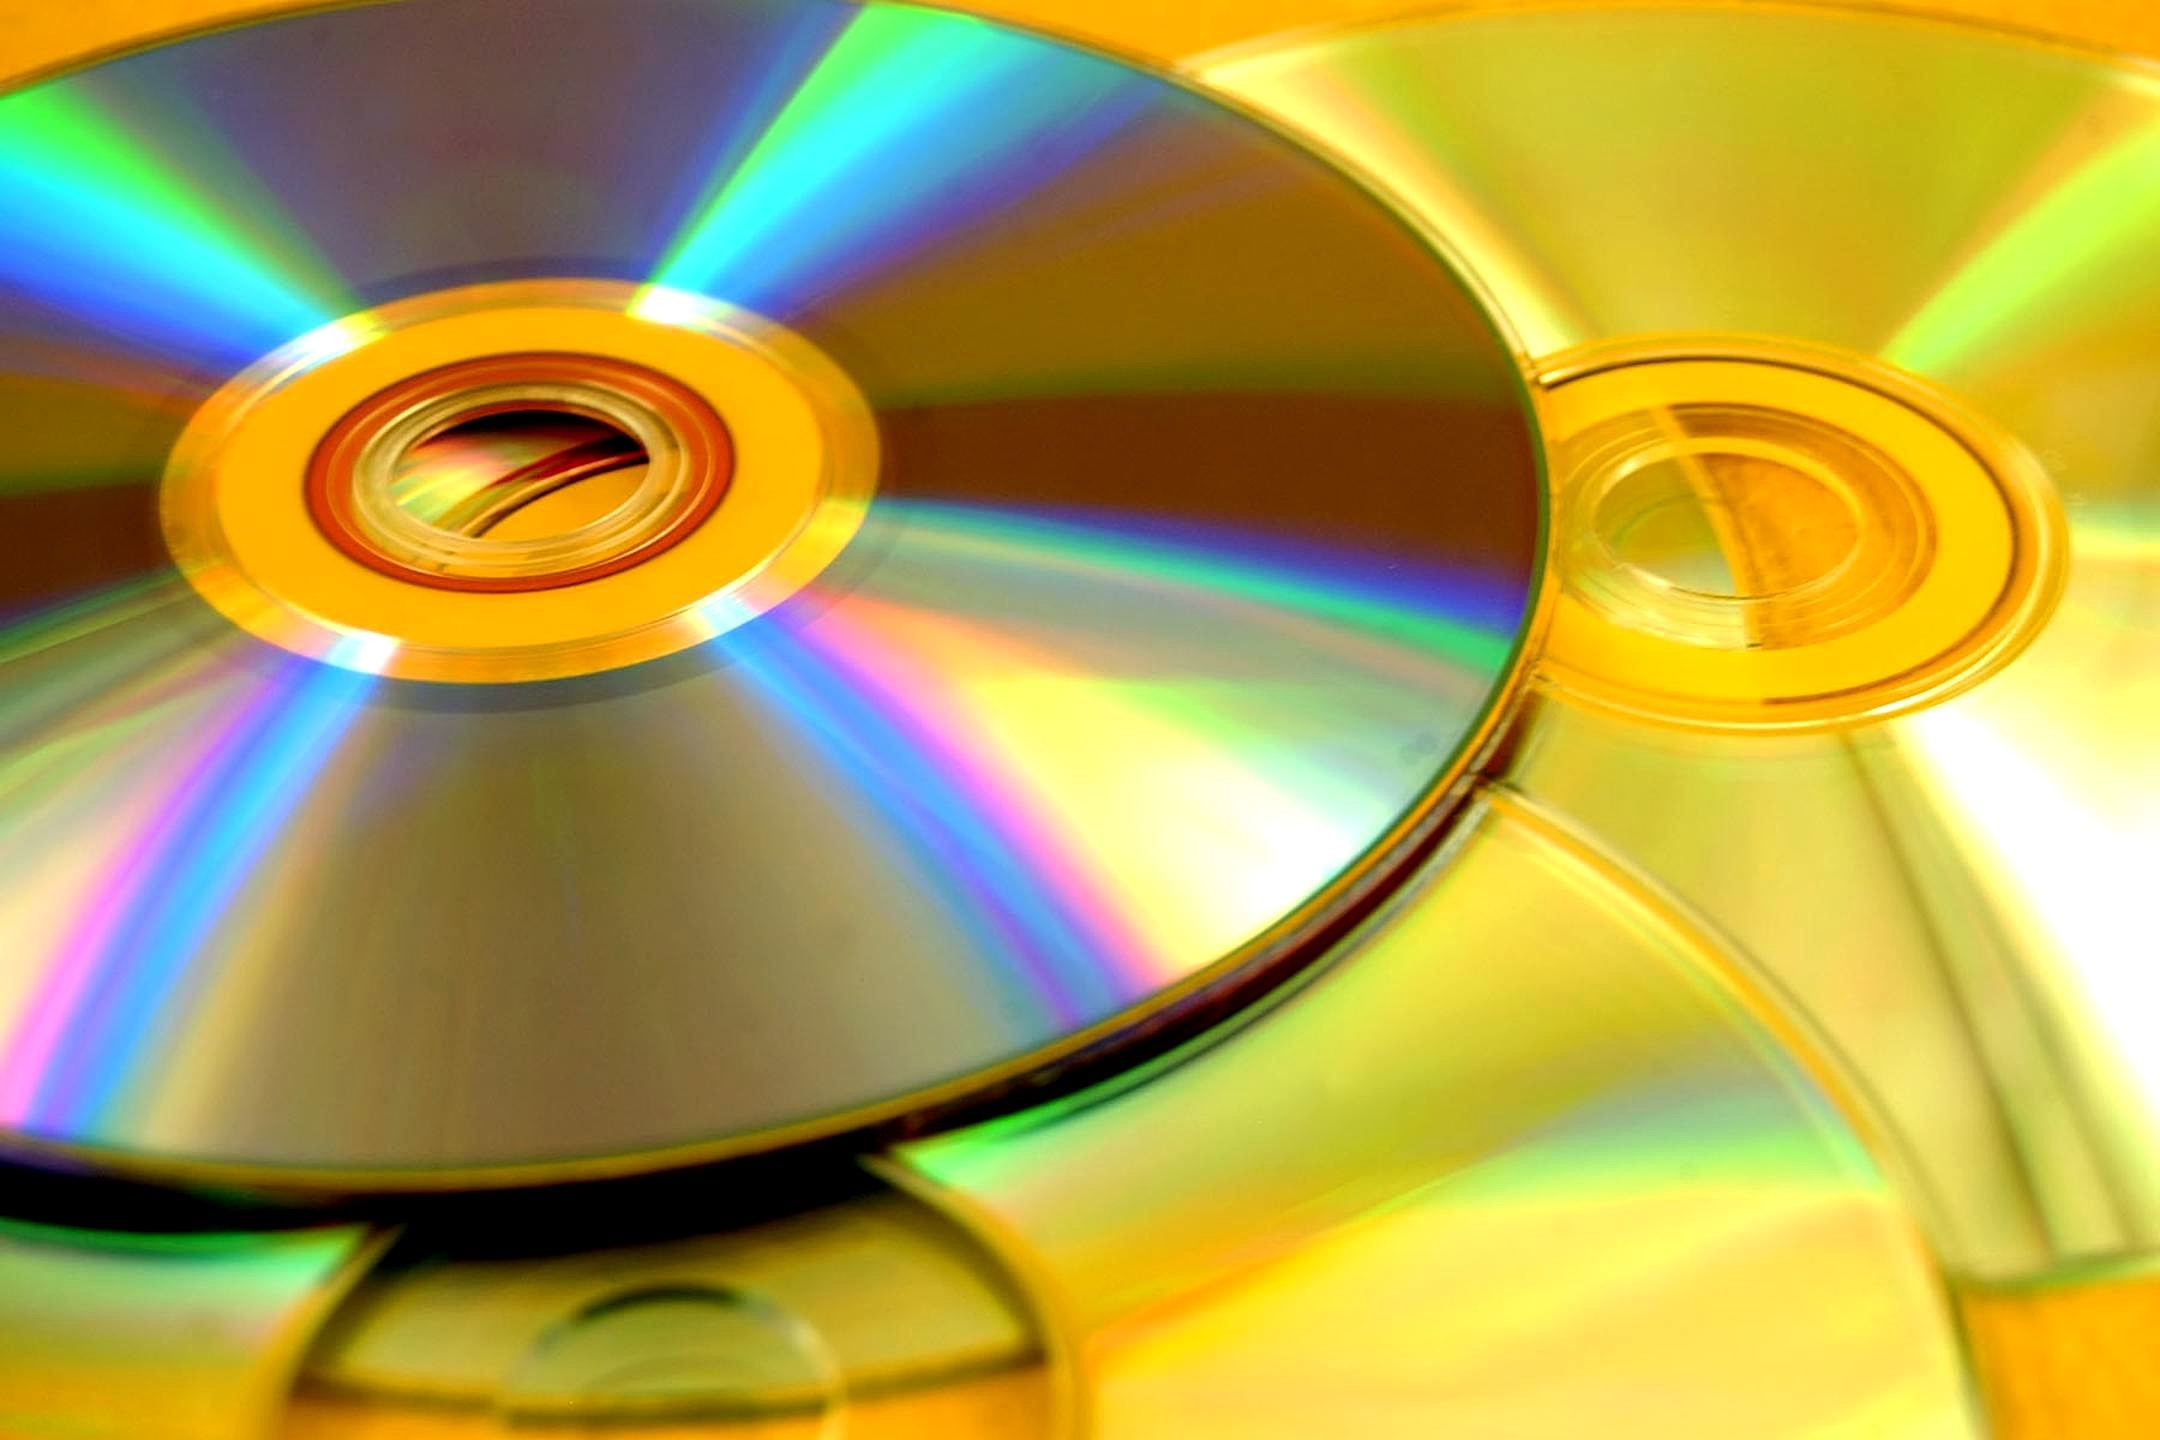 Image libre: numérique, polyvalent, disque, ordinateur, disque compact, la réflexion